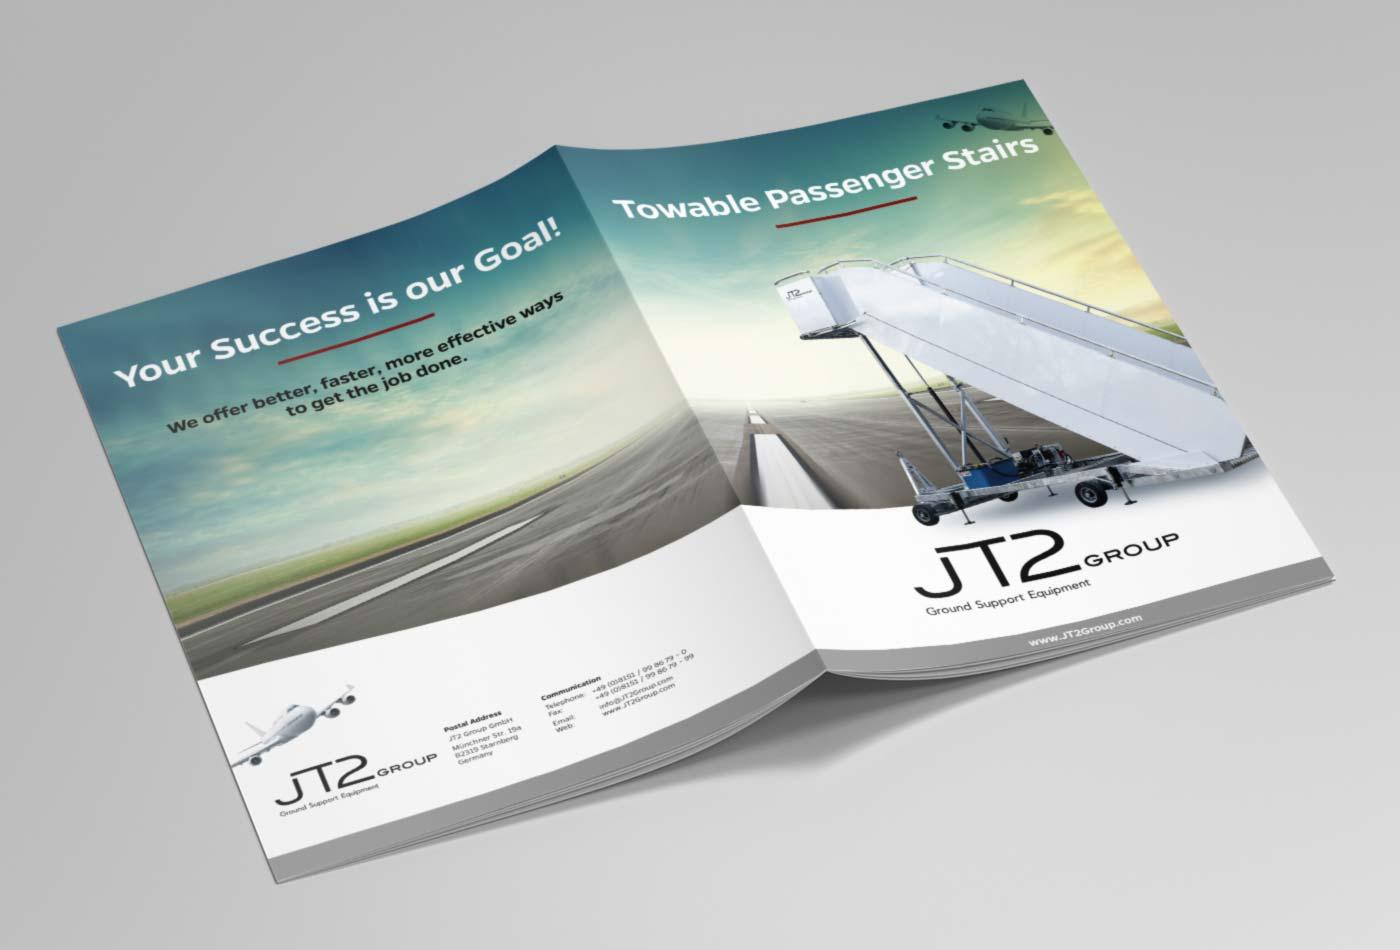 wildefreunde-kunde-jt2-broschuere-1400x950-min